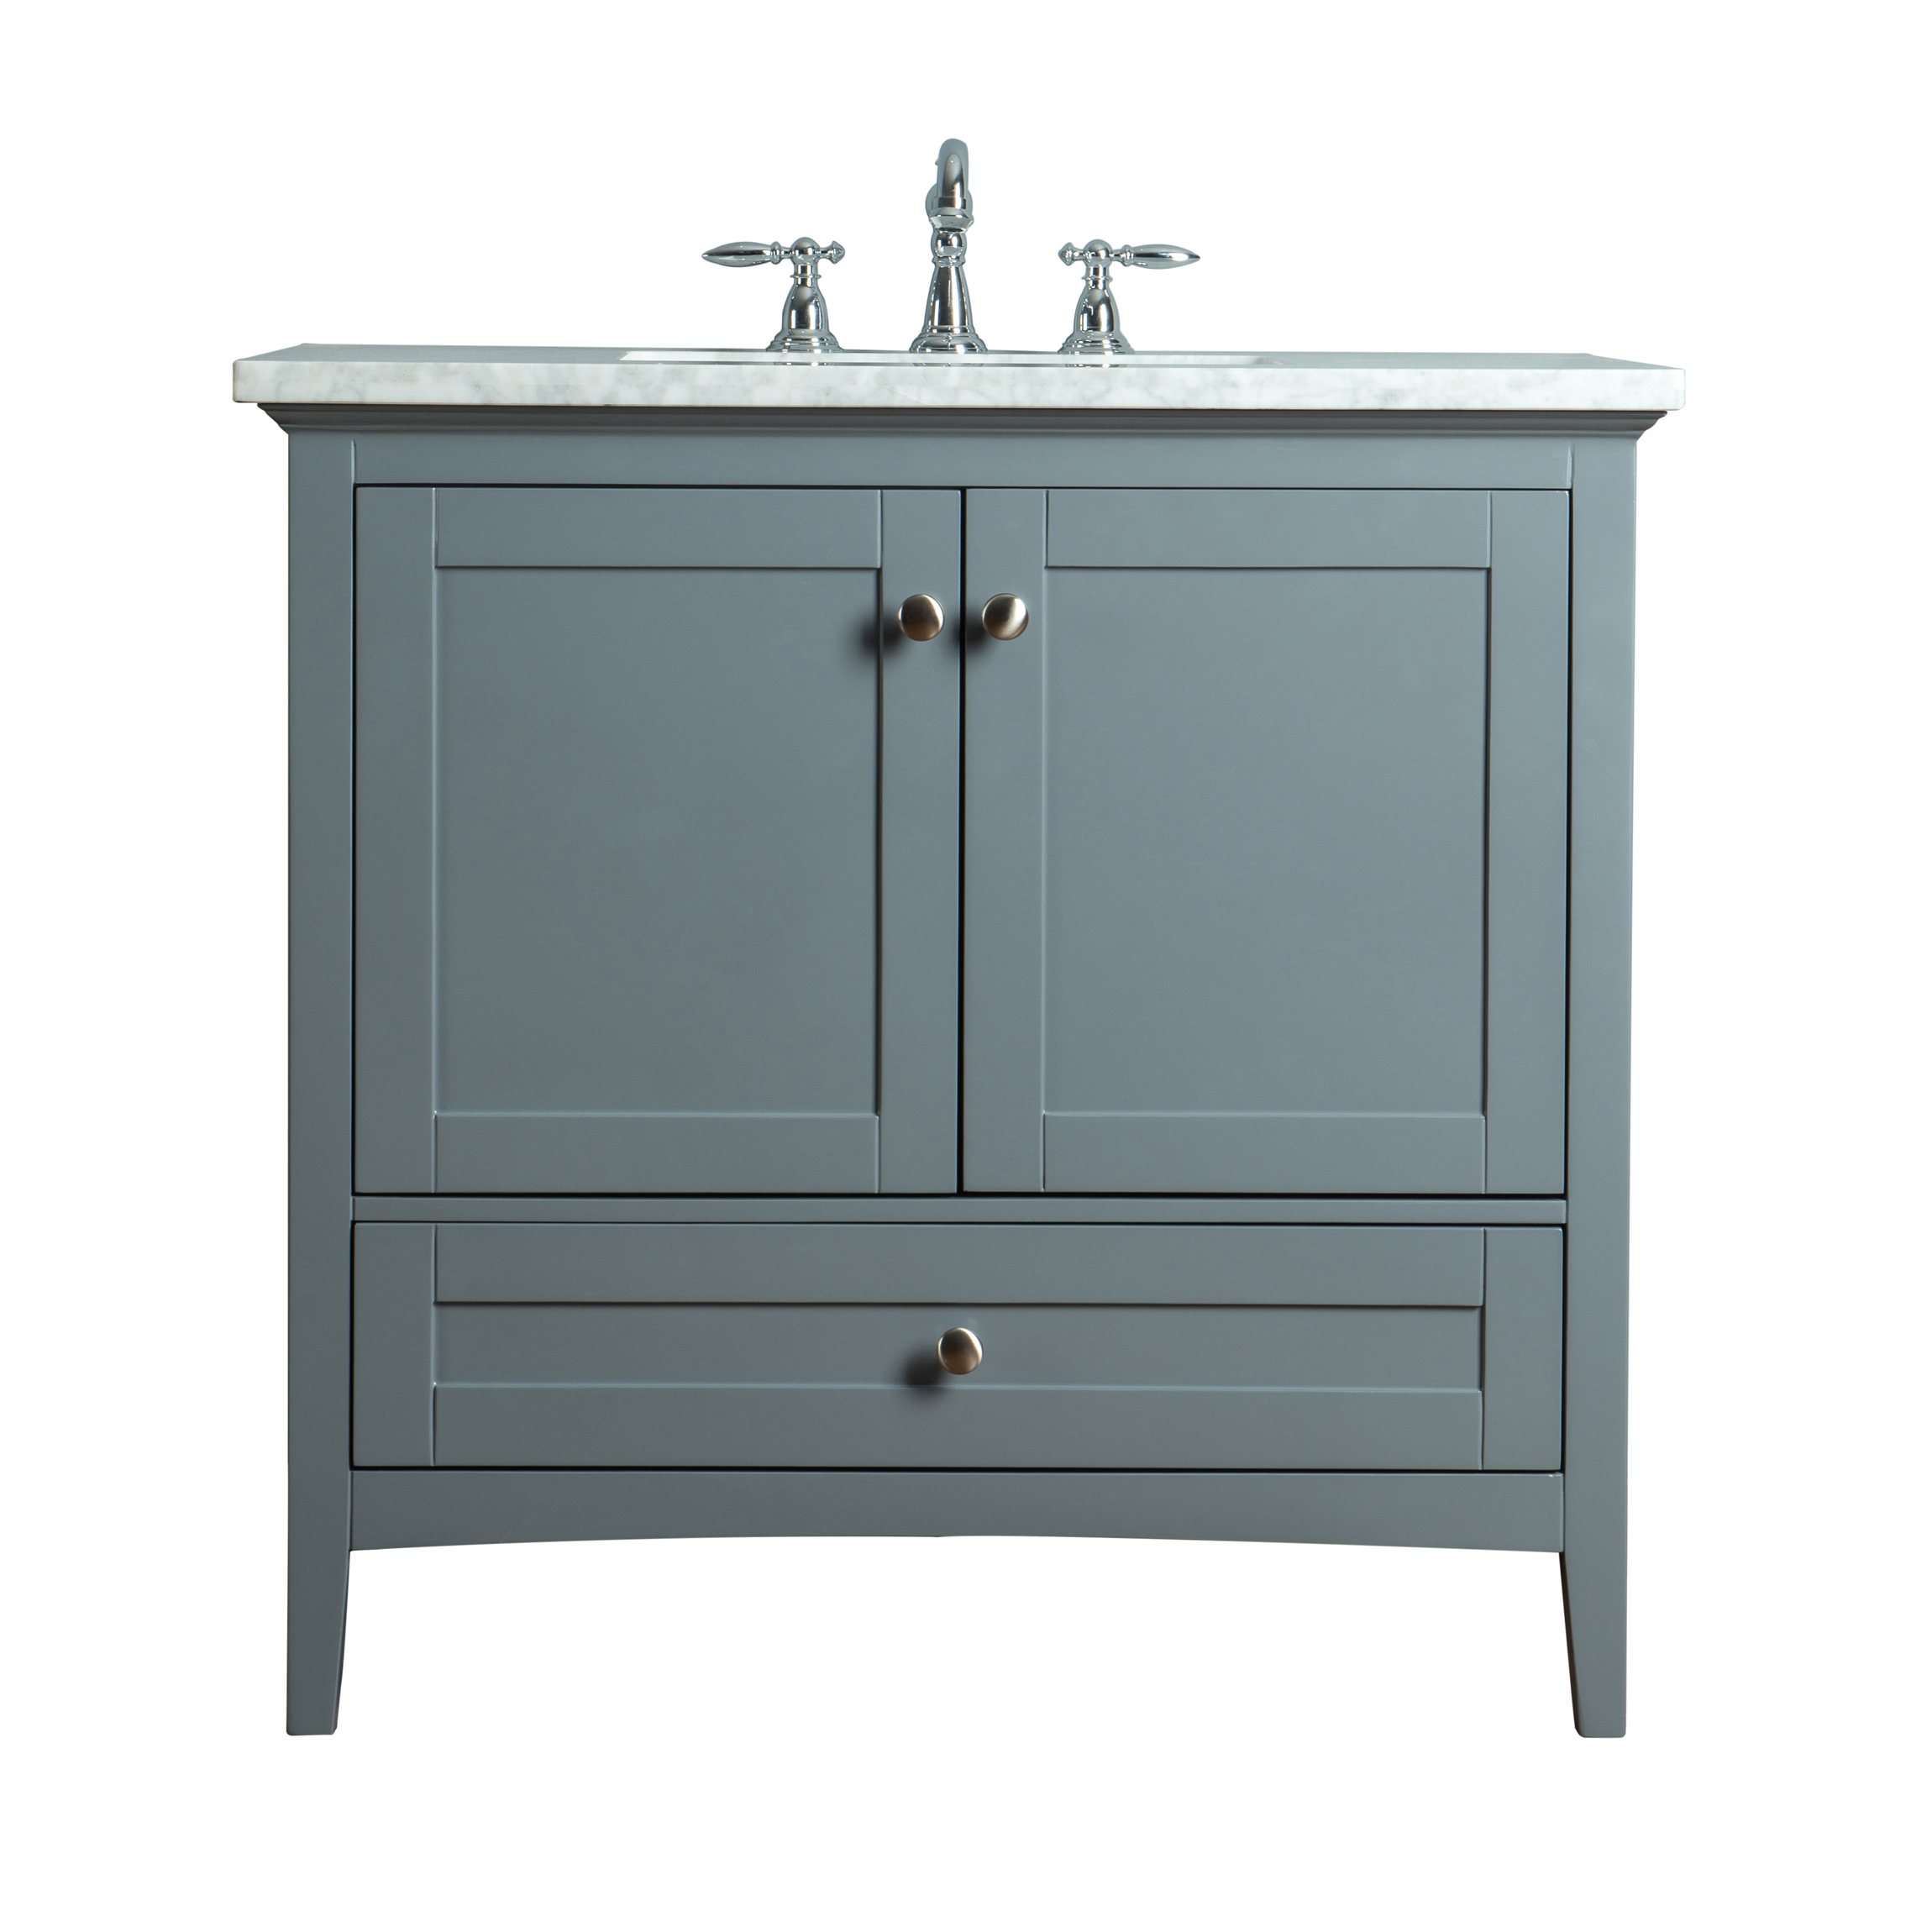 Myhomeandbath Modern Es Single Sink Bathroom Vanity Grey Tower